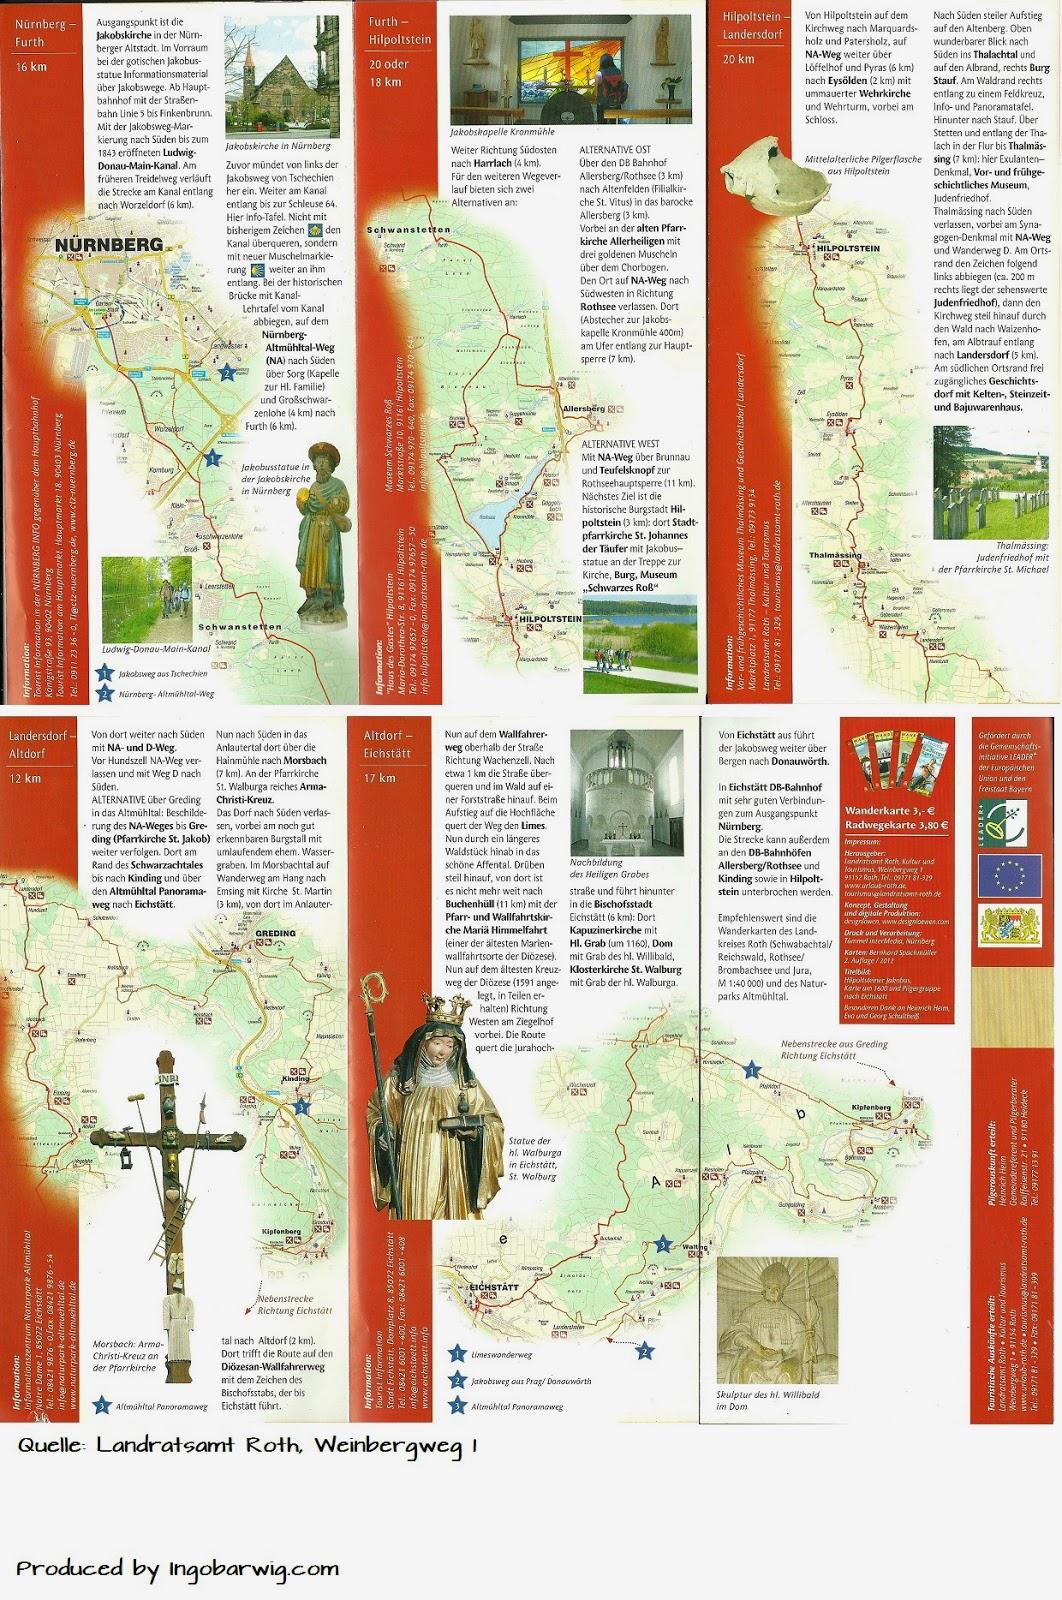 Jakobsweg Franken Karte.Jakobsweg Nürnberg Eichstätt Jakobsweg Nürnberg Eichstätt Details